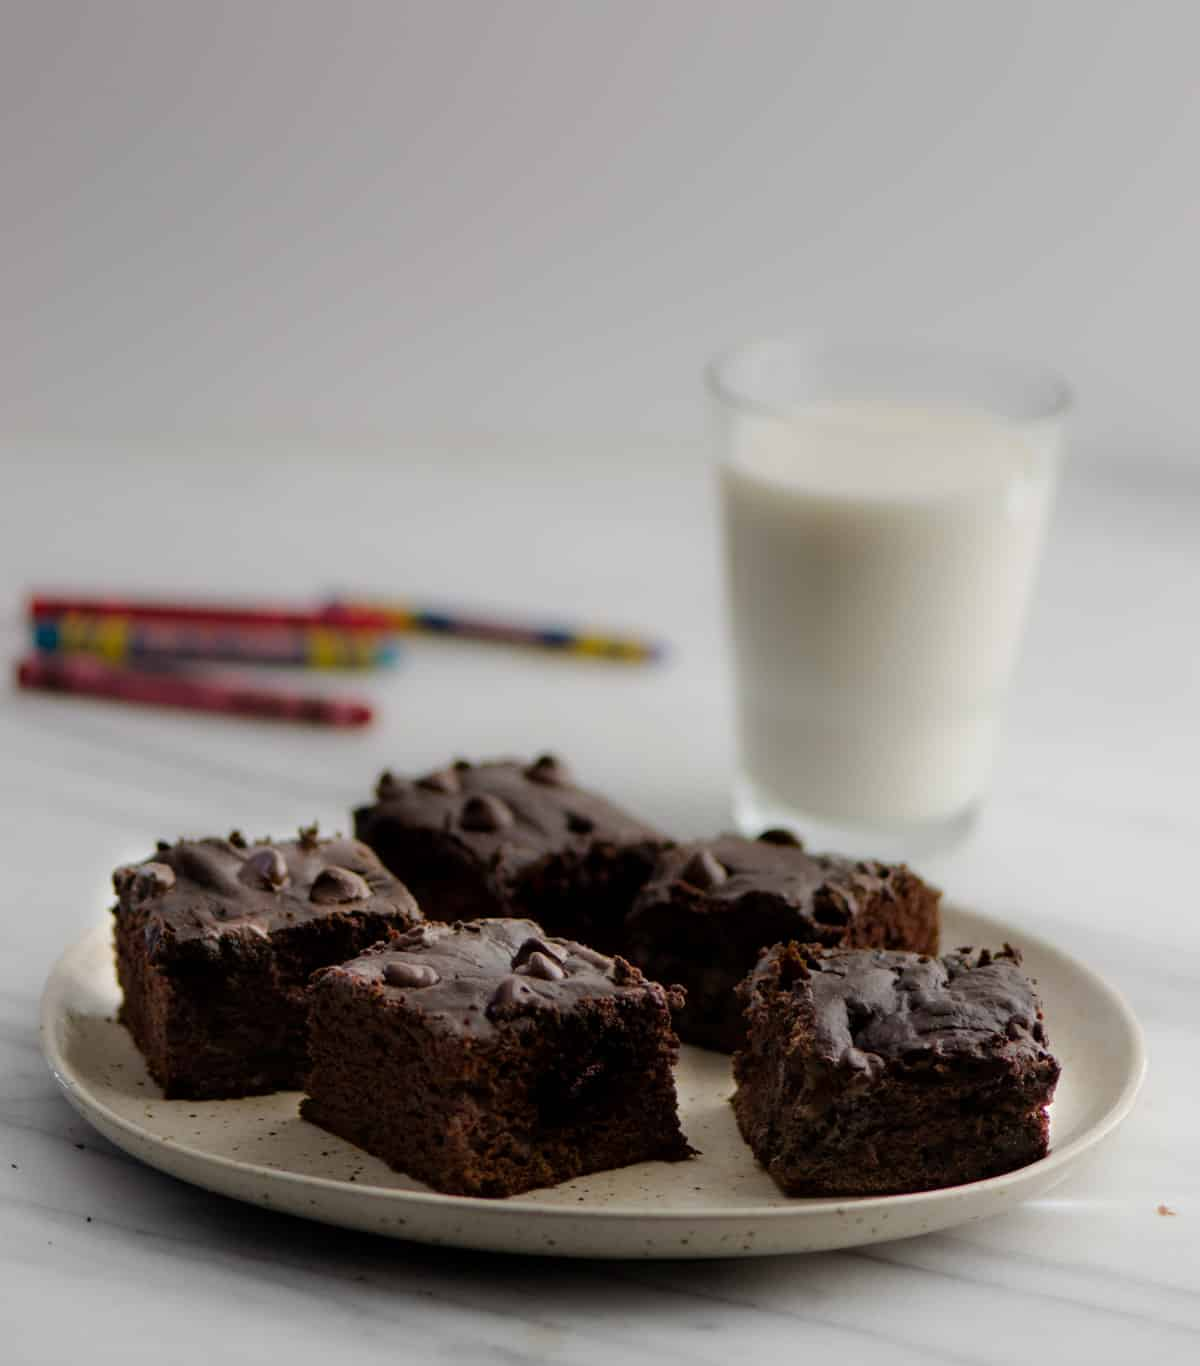 The Best Chocolate Banana Cake Recipe